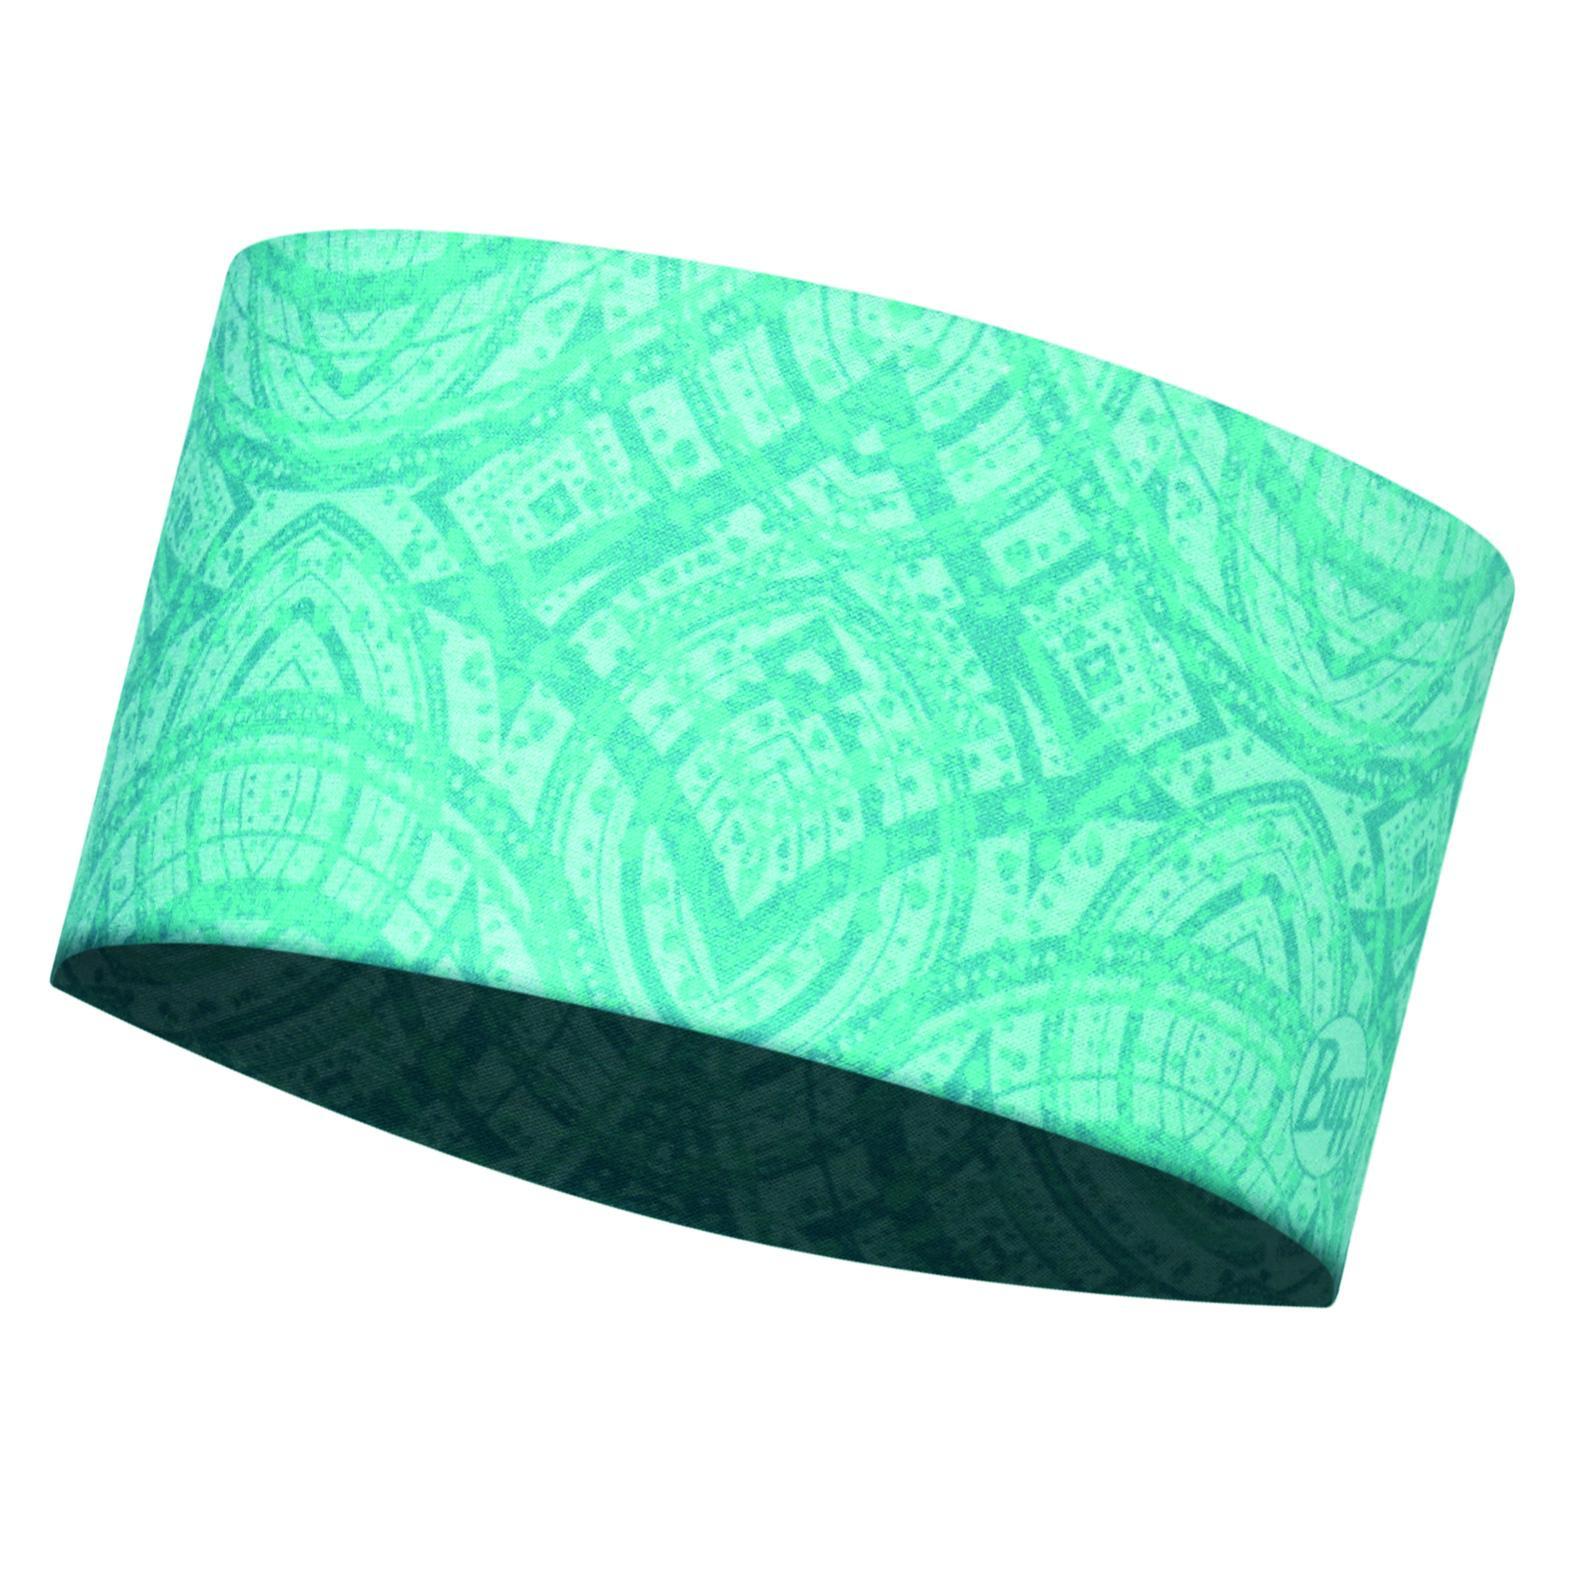 Купить Повязка BUFF Headband MASH TURQUOISE Банданы и шарфы Buff ® 1312846